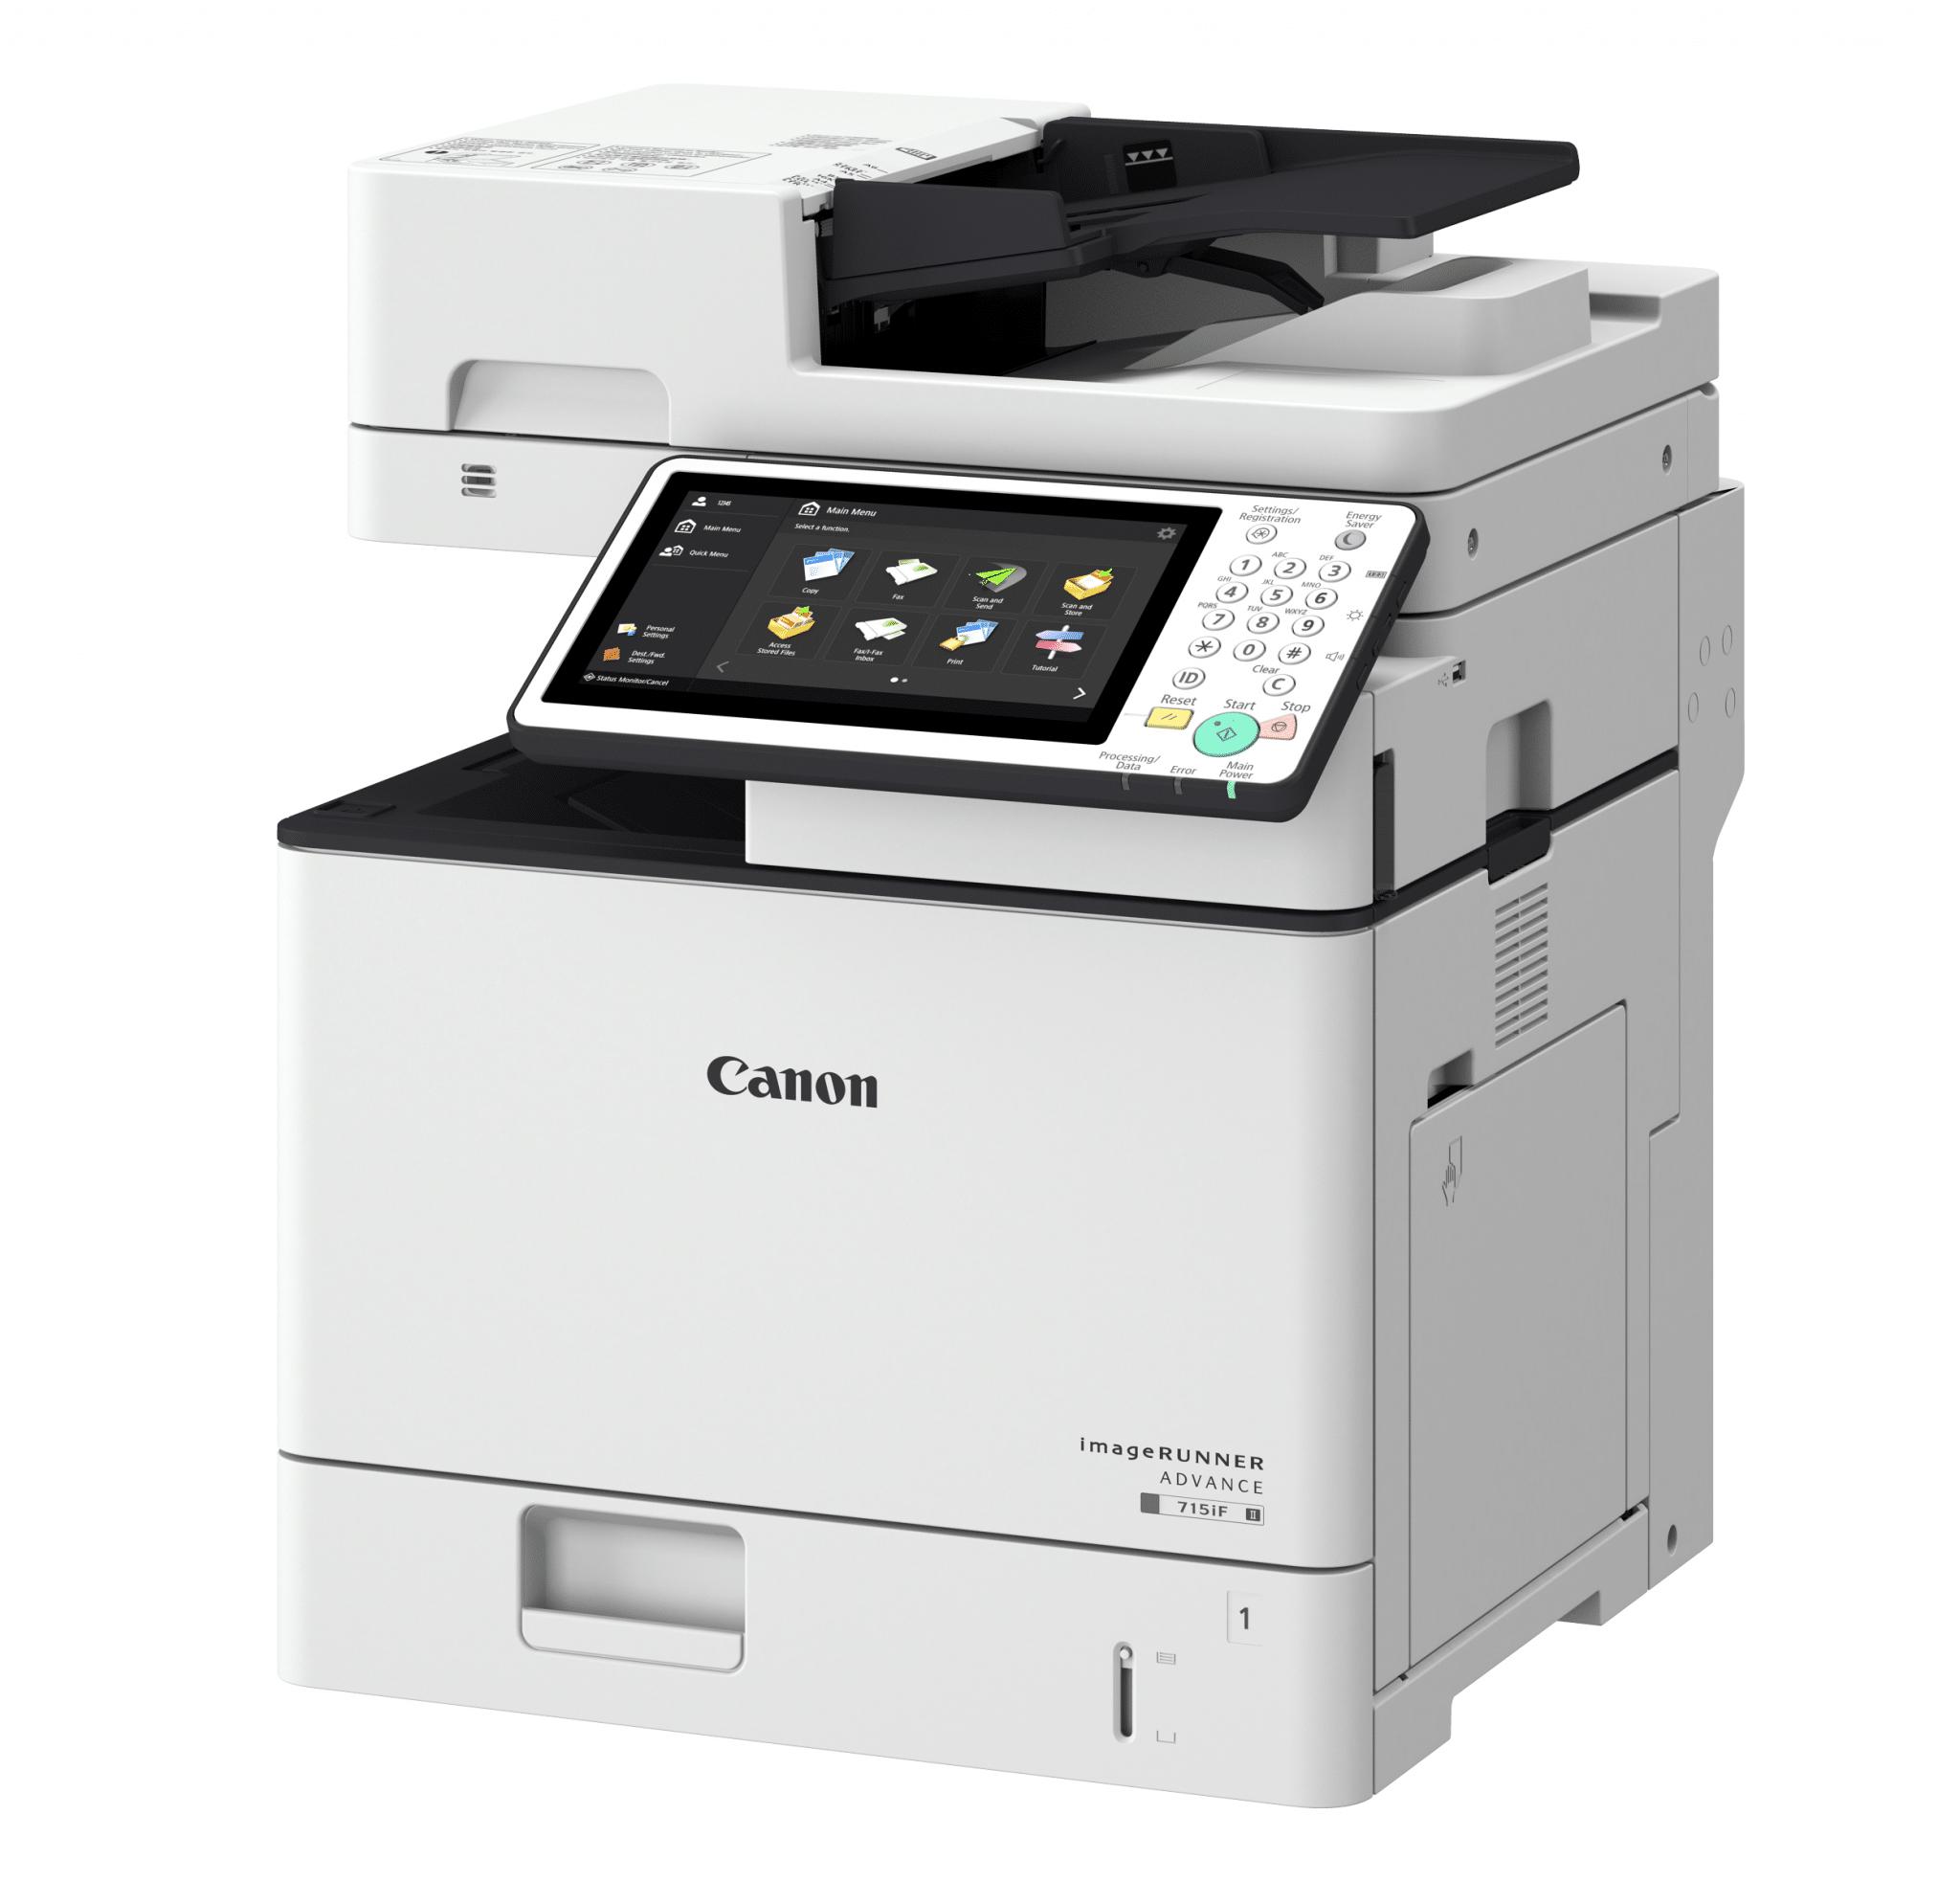 מדפסת משולבת 525 CANON